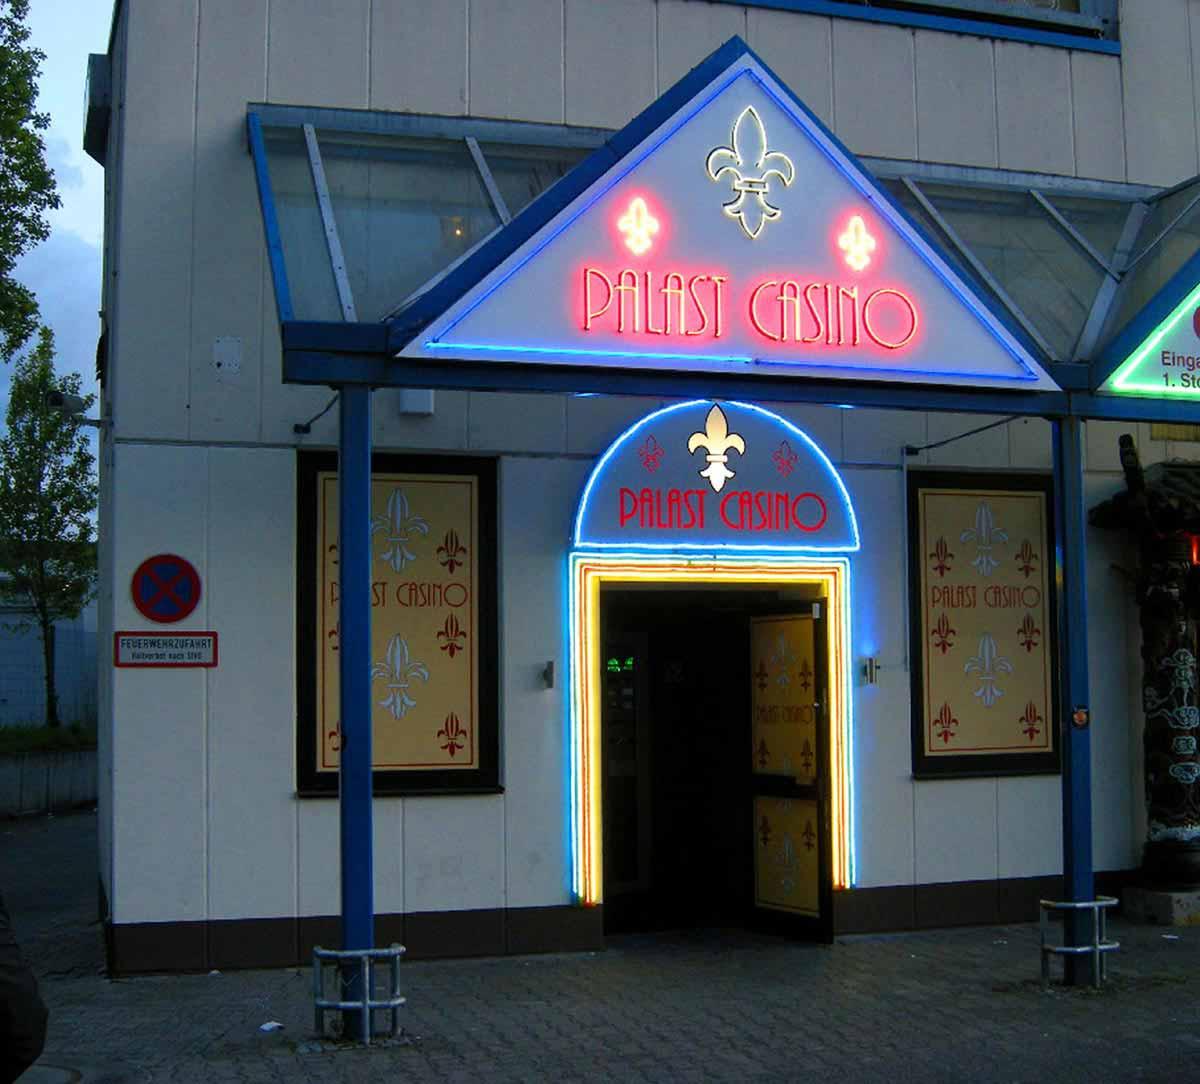 Slot Machine Palast Casino Darmstad - Eingang und Fassaden Design Planung und Gestaltung von Milo